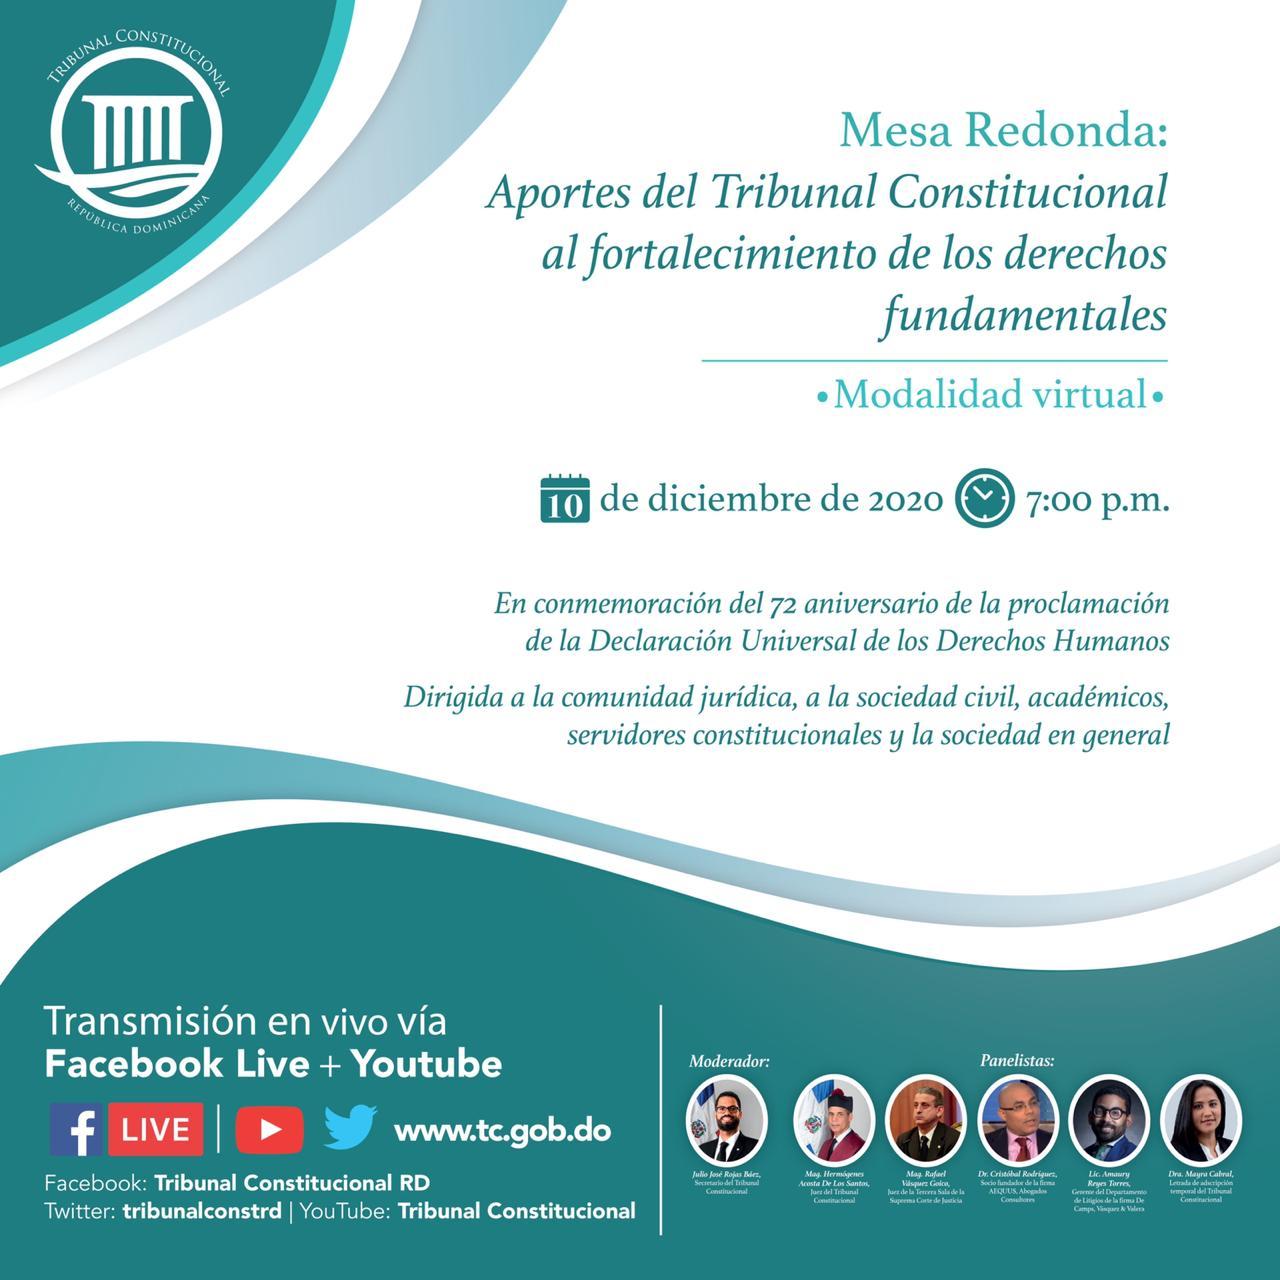 Imagen de Mesa Redonda: aportes del Tribunal Constitucional al fortalecimiento de los derechos fundamentales